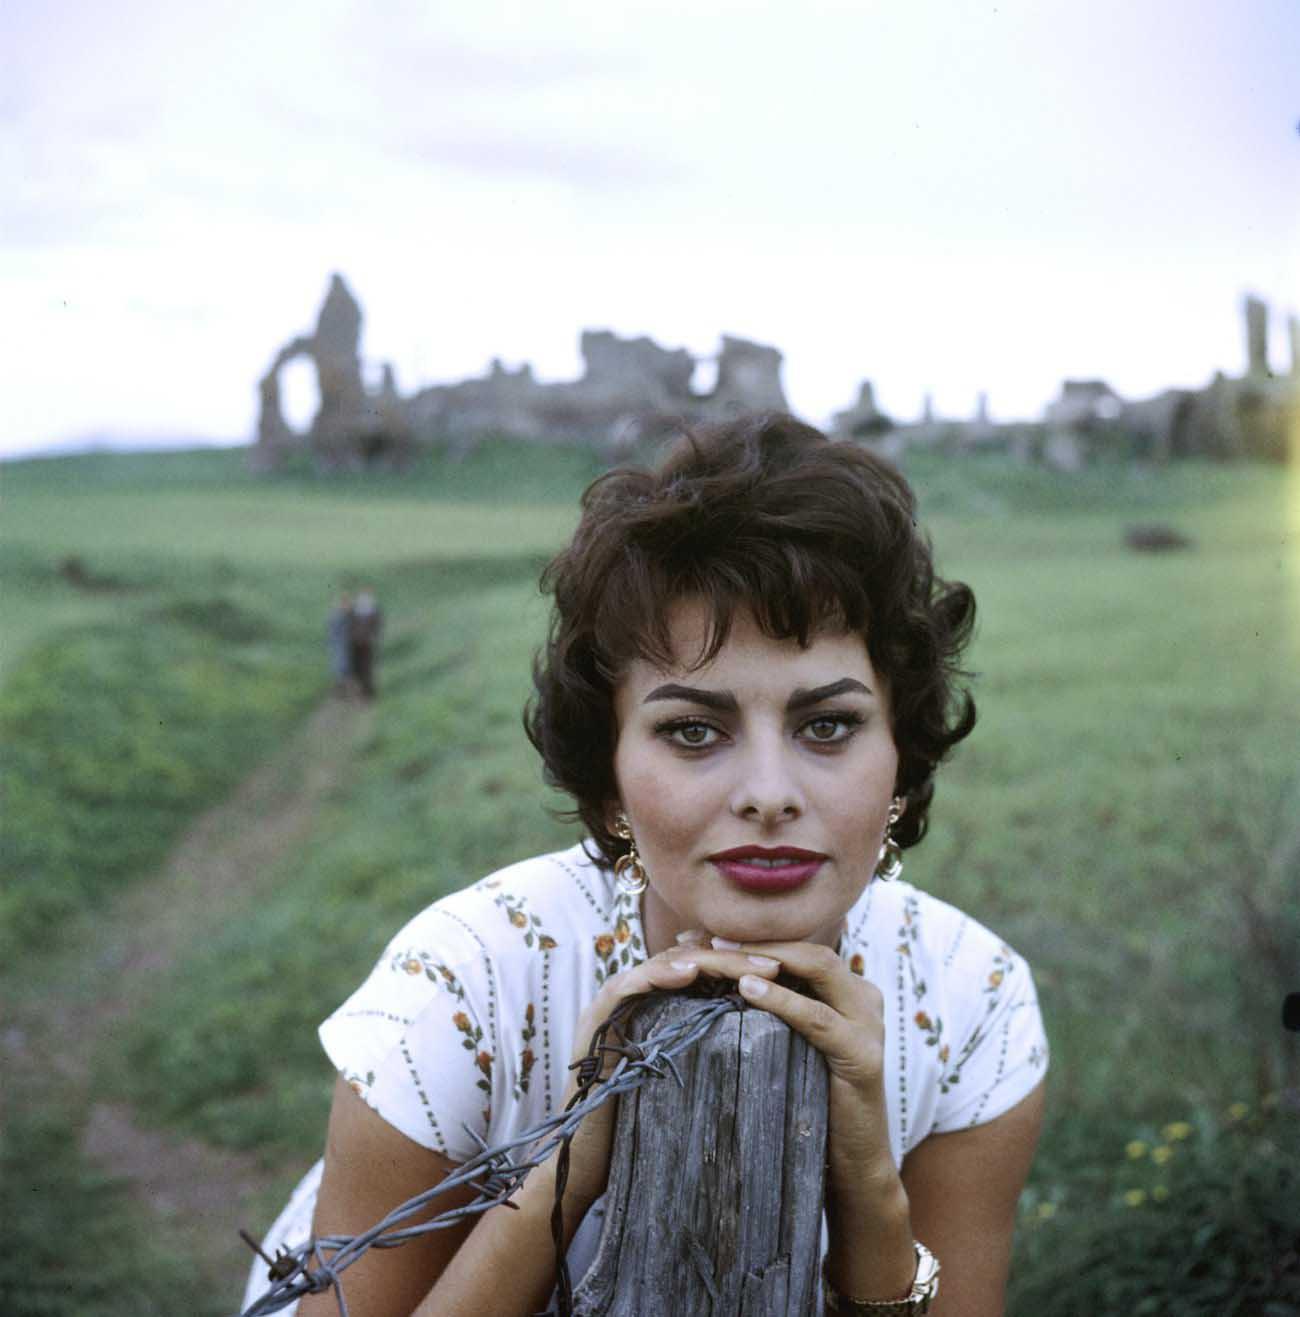 Софи Лорен/Sophia Loren - Страница 2 Cfe4e5b06680